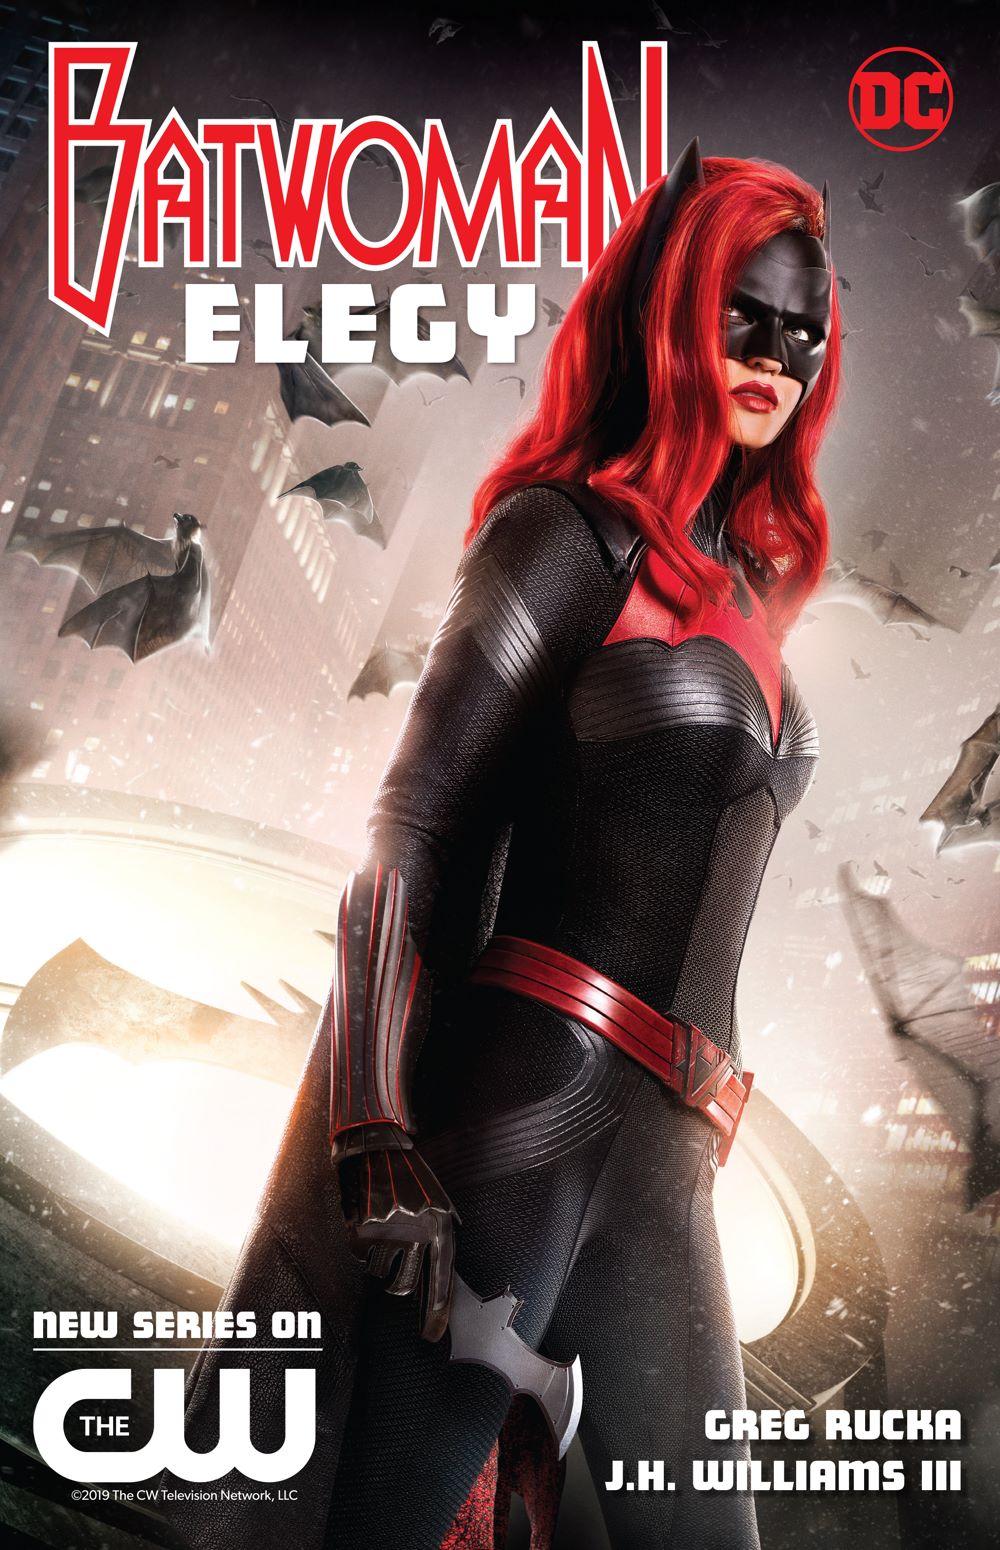 Batwoman-Elegy-New-Edition DC Comics June 2021 Solicitations